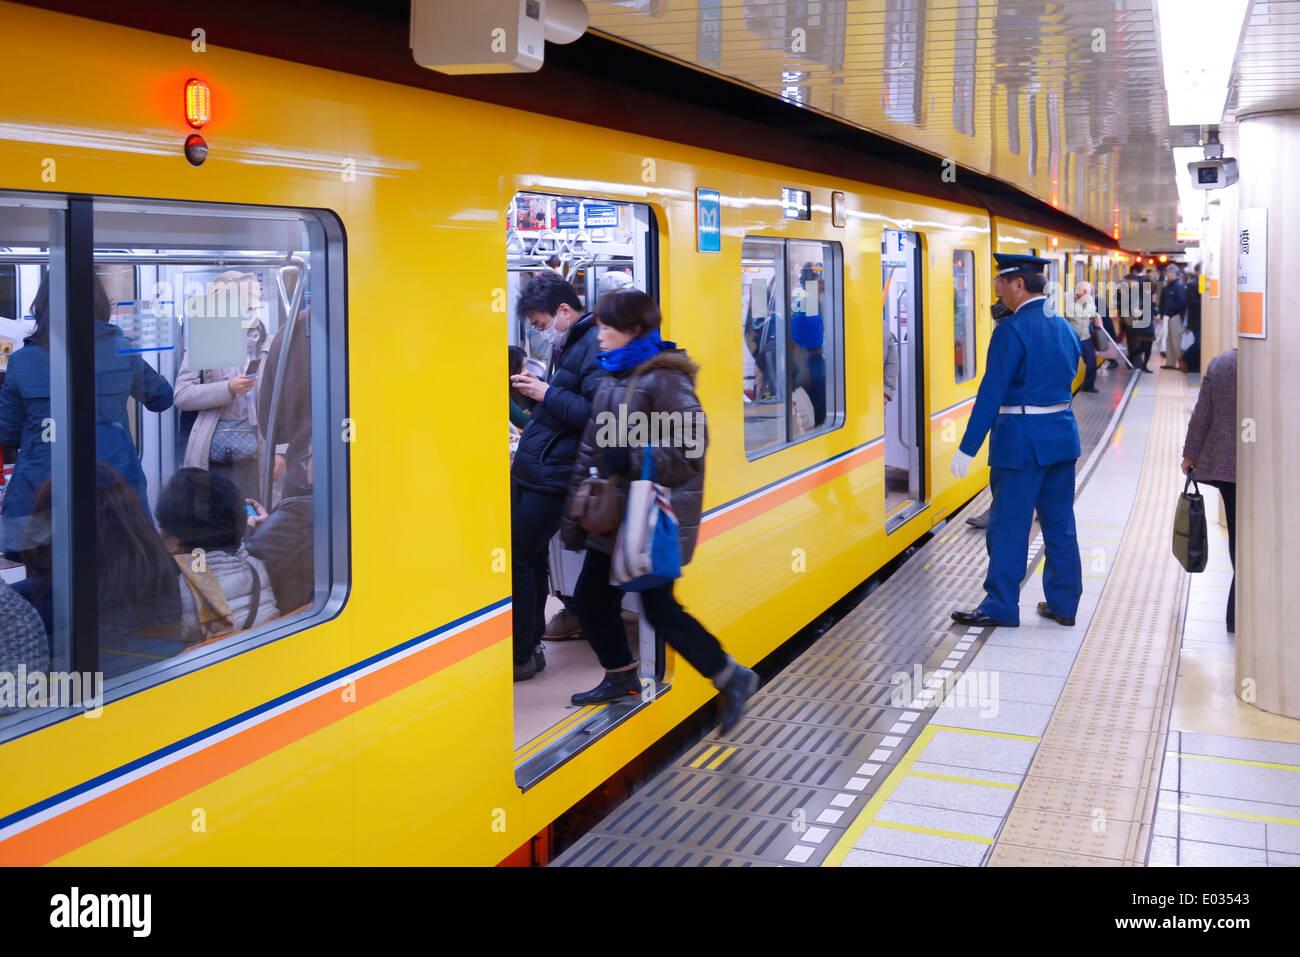 People entering Tokyo Metro subway train on a platform. Tokyo, Japan. Stock Photo